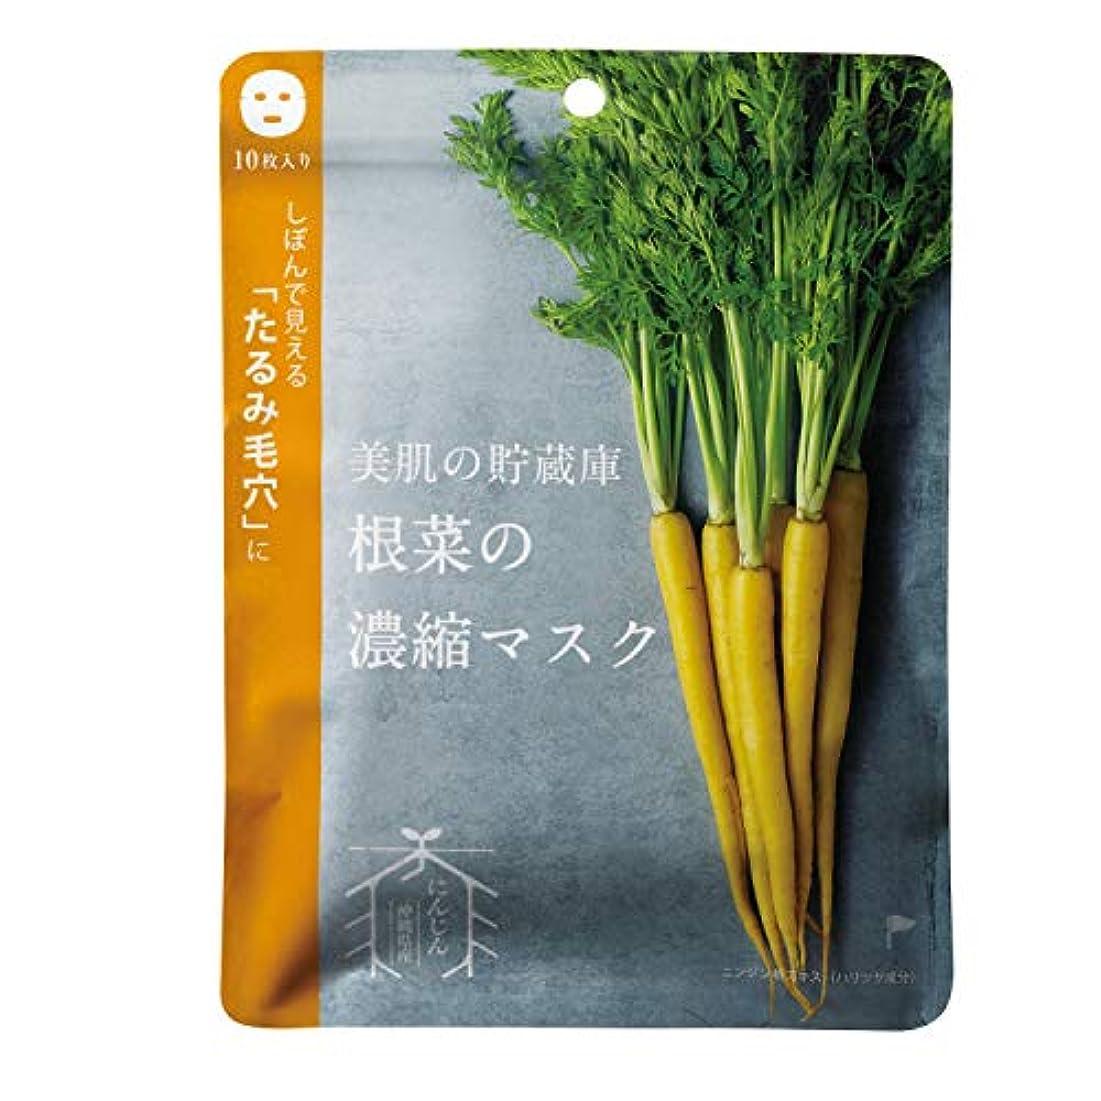 咽頭猫背泣いている@cosme nippon 美肌の貯蔵庫 根菜の濃縮マスク 島にんじん 10枚 160ml